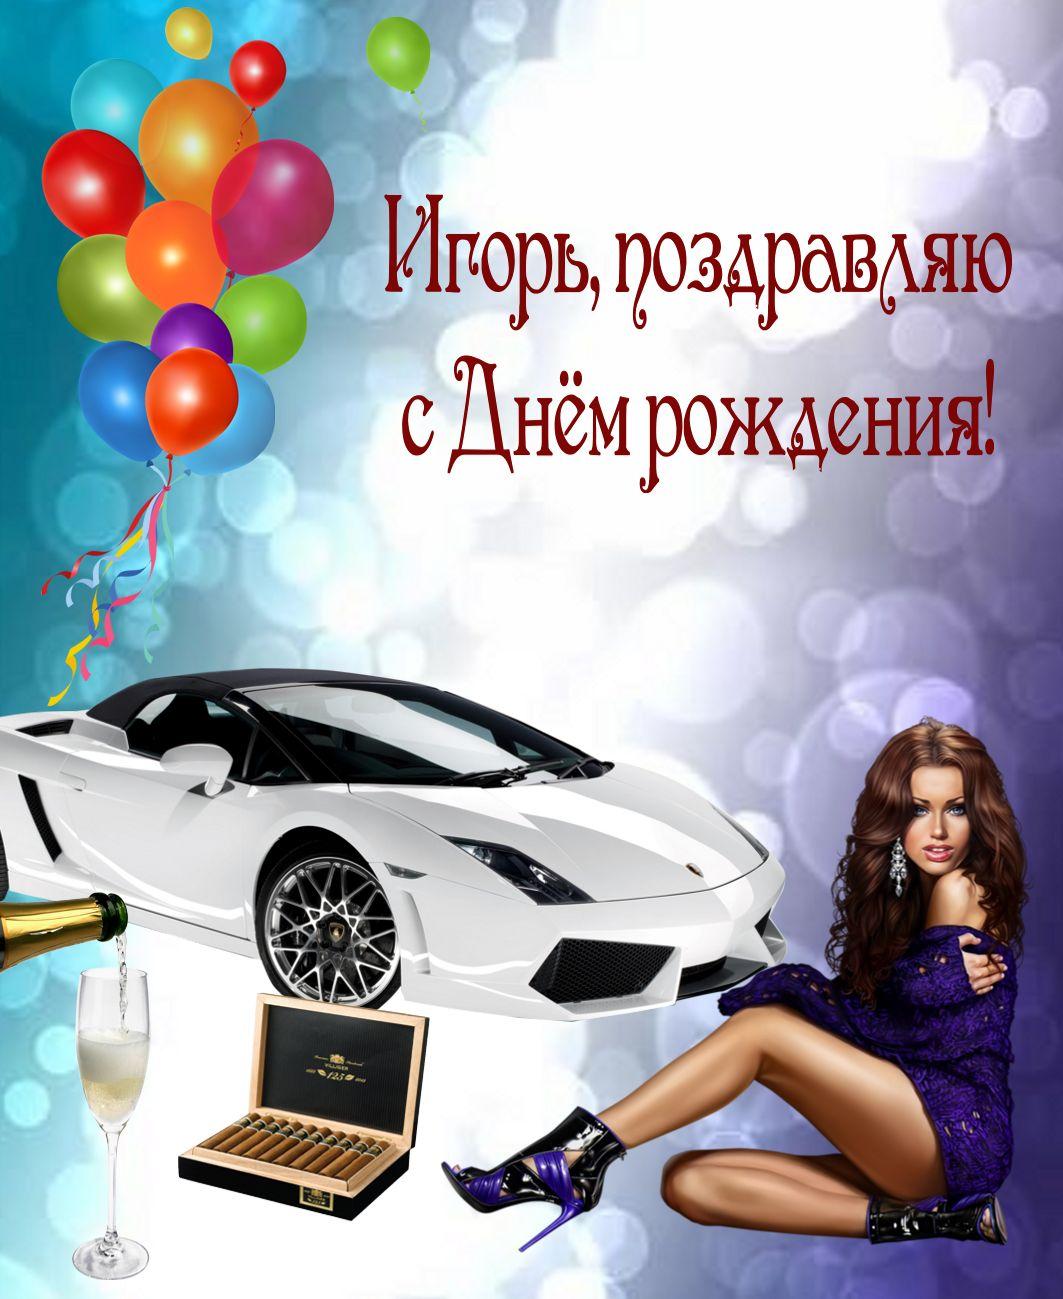 Открытка на День рождения Игорю - красивая девушка на блестящем фоне